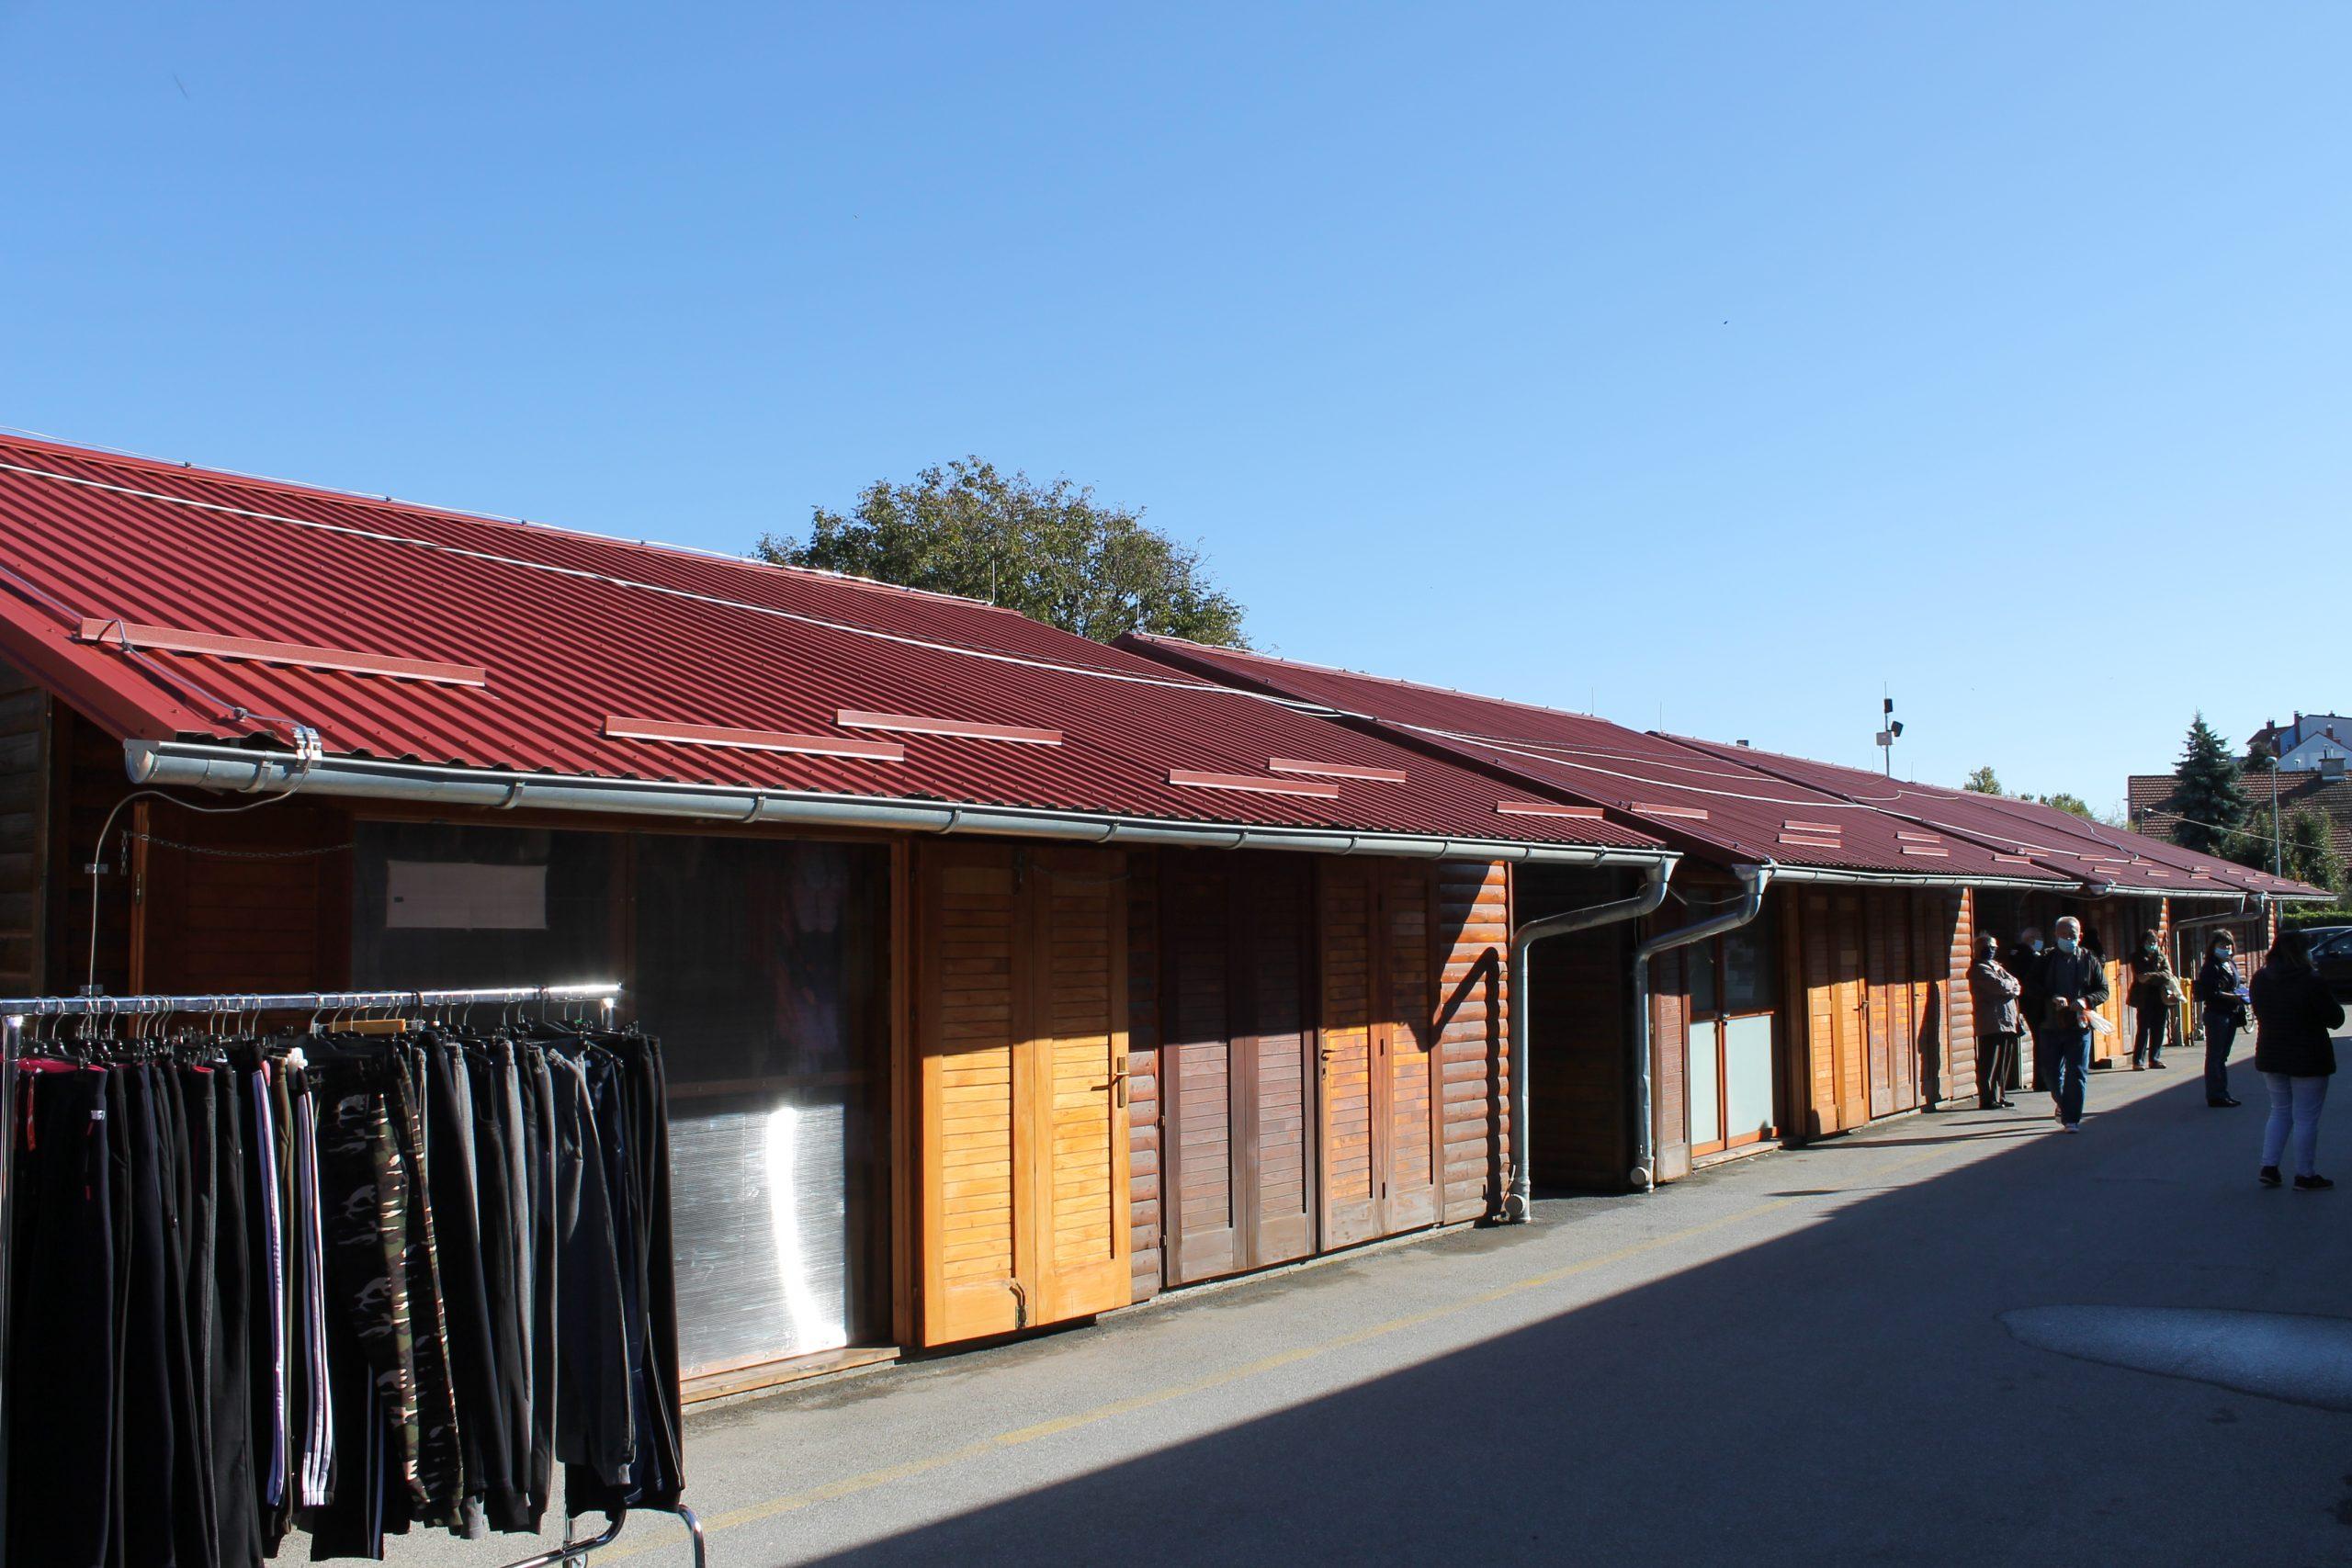 Obavijest o Javnom natječaju za zakup poslovnih prostora – drvenih štandova zatvorenog tipa na Gradskoj tržnici u Koprivnici